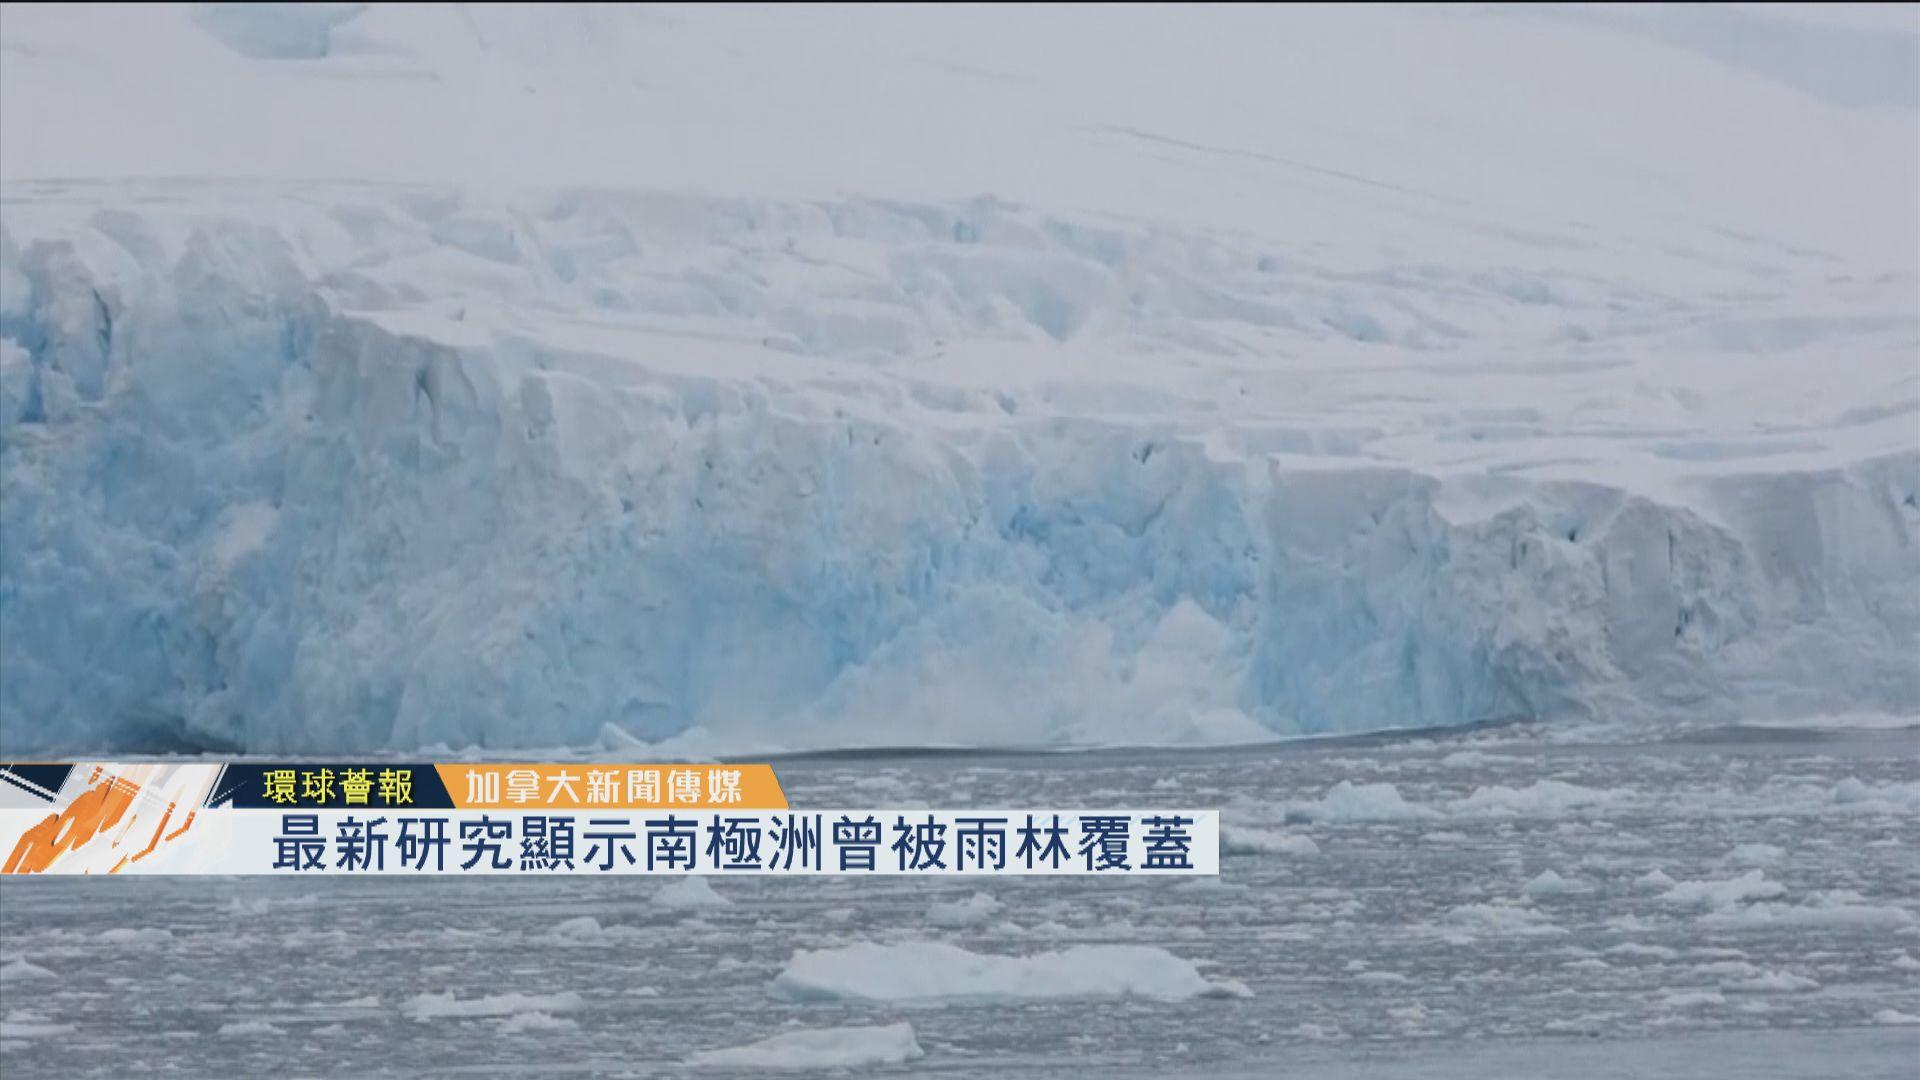 【環球薈報】最新研究顯示南極洲曾被雨林覆蓋